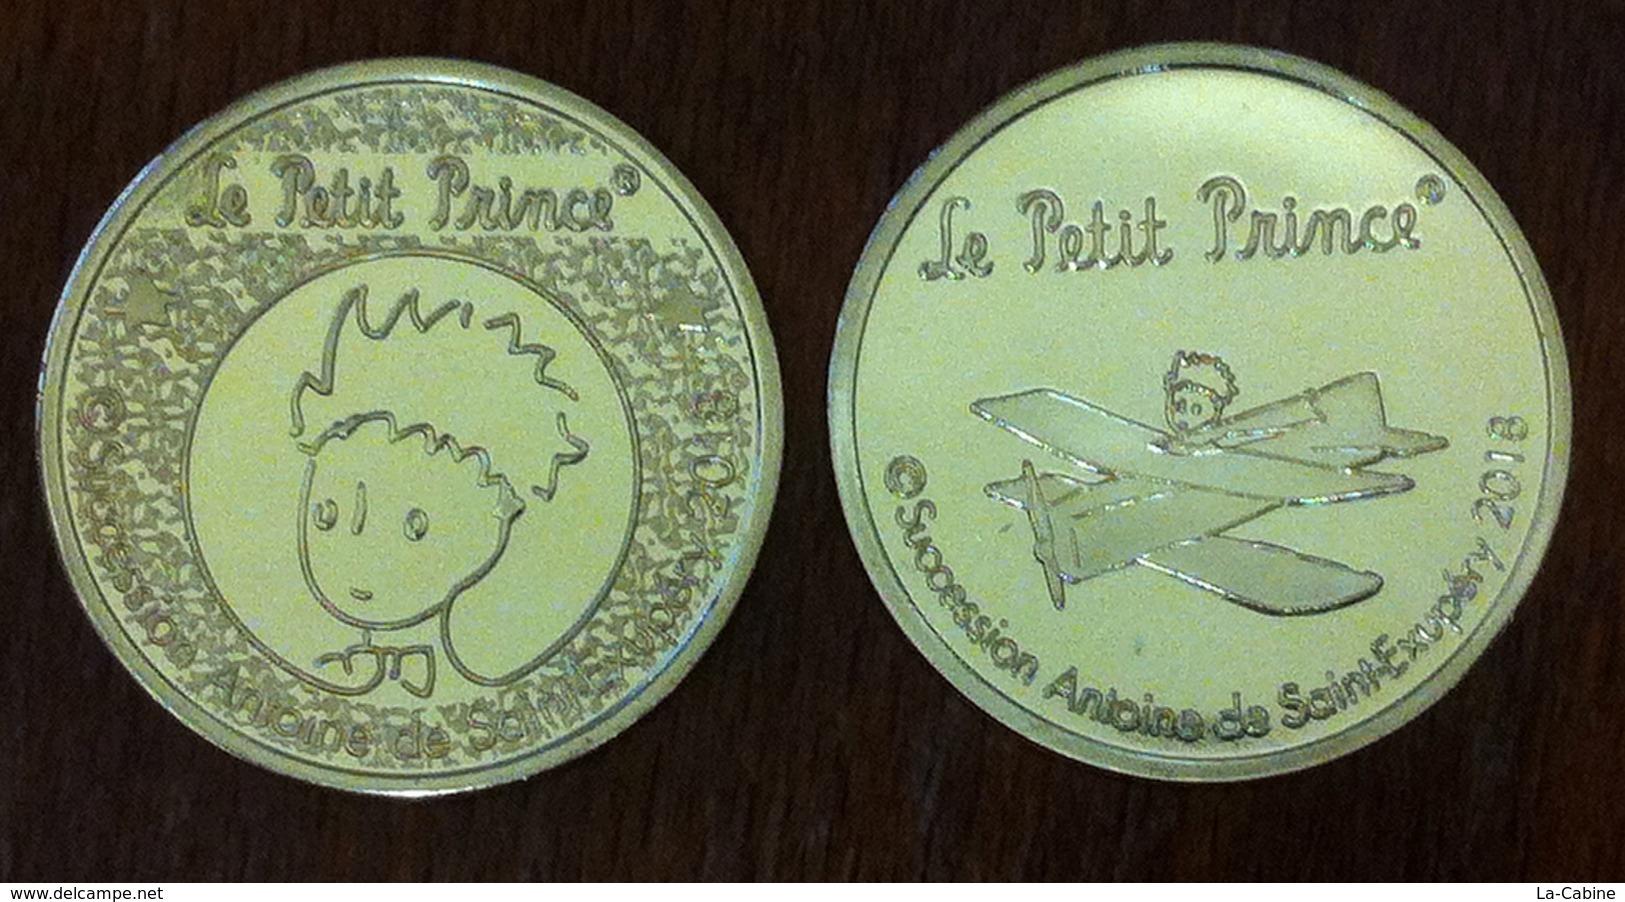 75 PARIS STORE LE PETIT PRINCE MÉDAILLE 2018 JETON MEDALS TOKENS COINS - Autres